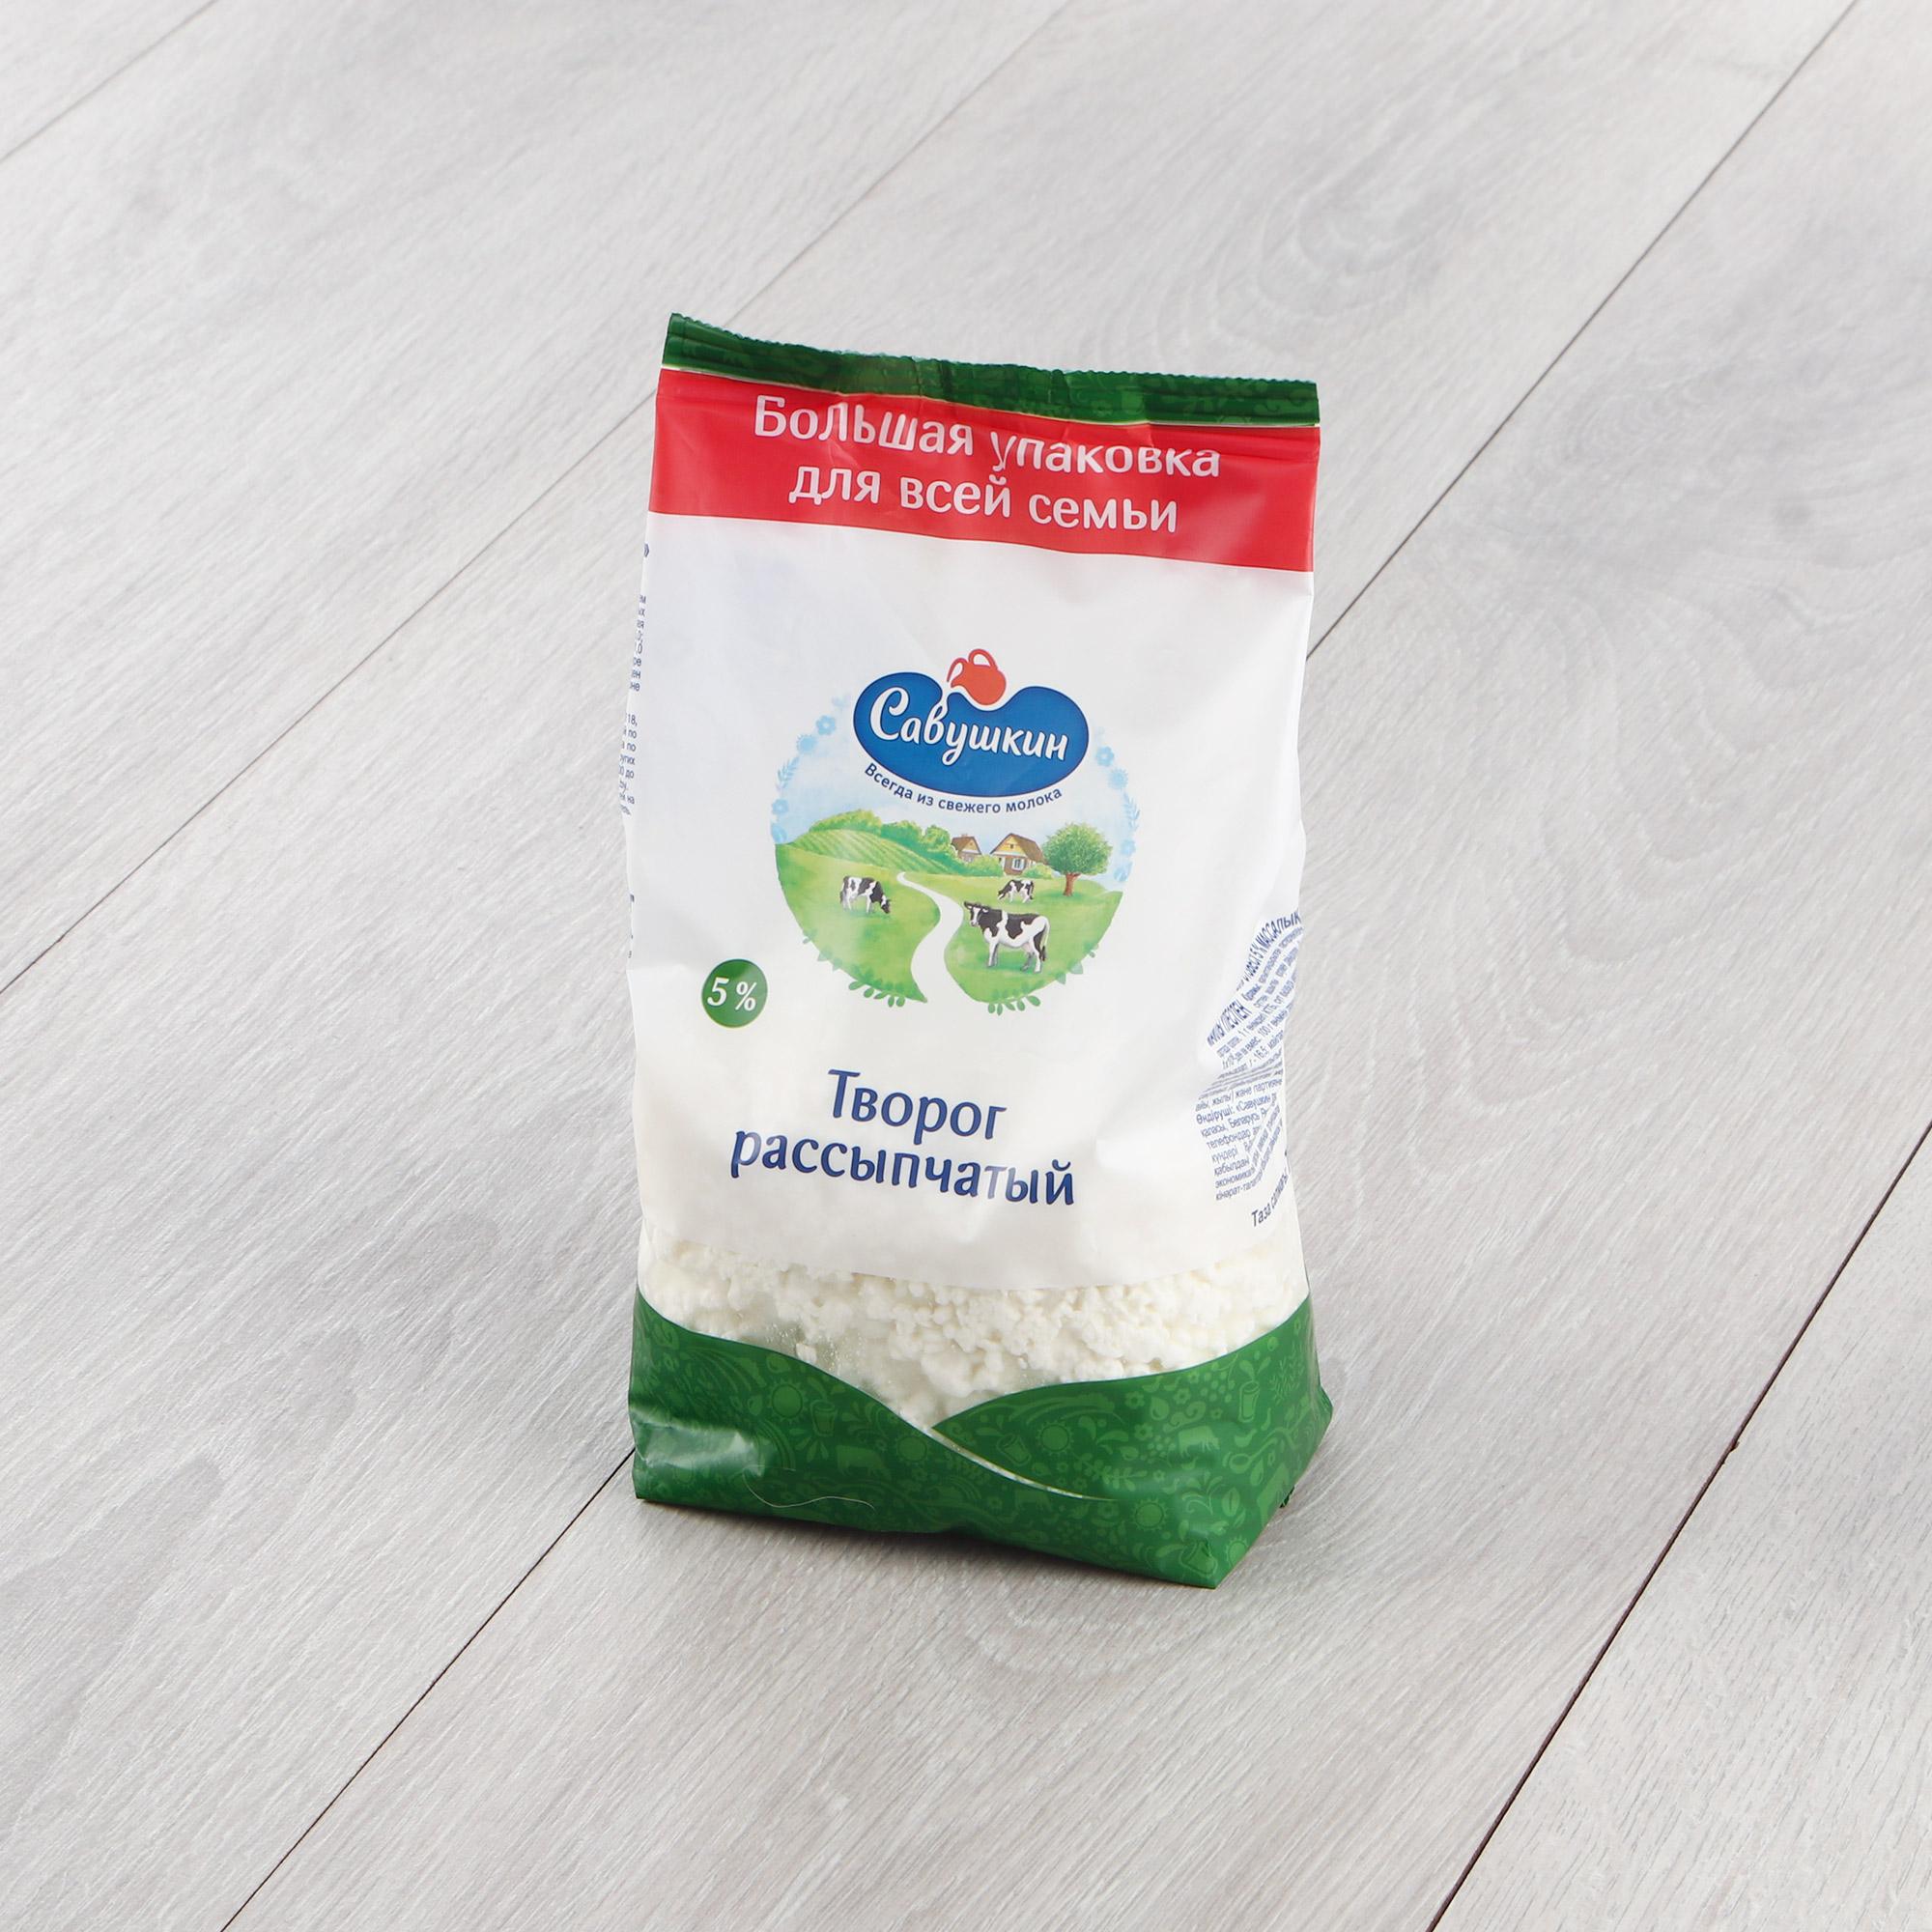 творог савушкин продукт рассыпчатый 5% 700 г Творог Савушкин продукт рассыпчатый 5% 700 г